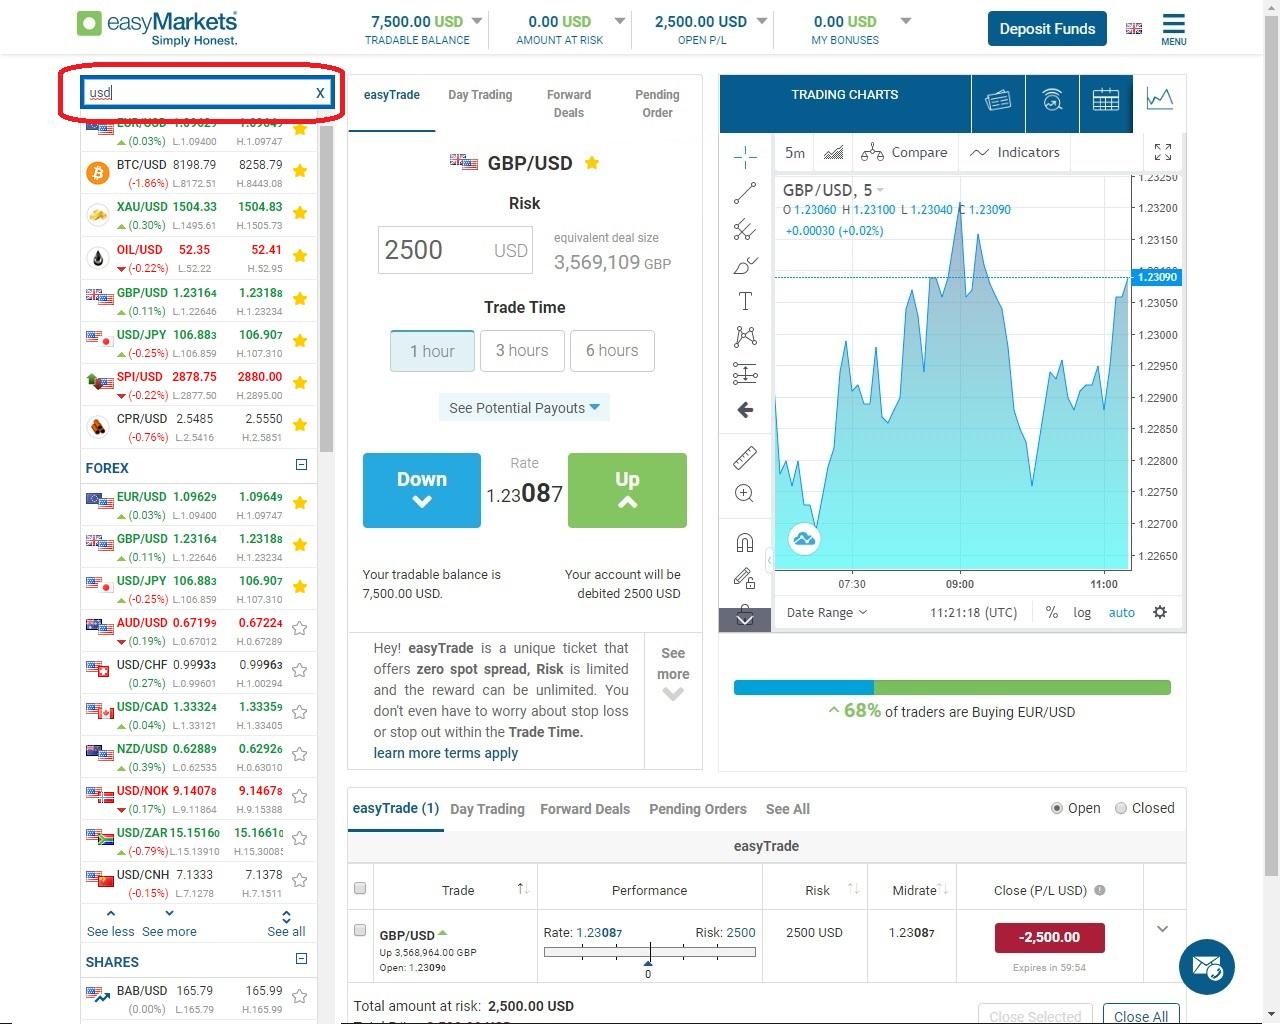 easyMarkets instrument search bar